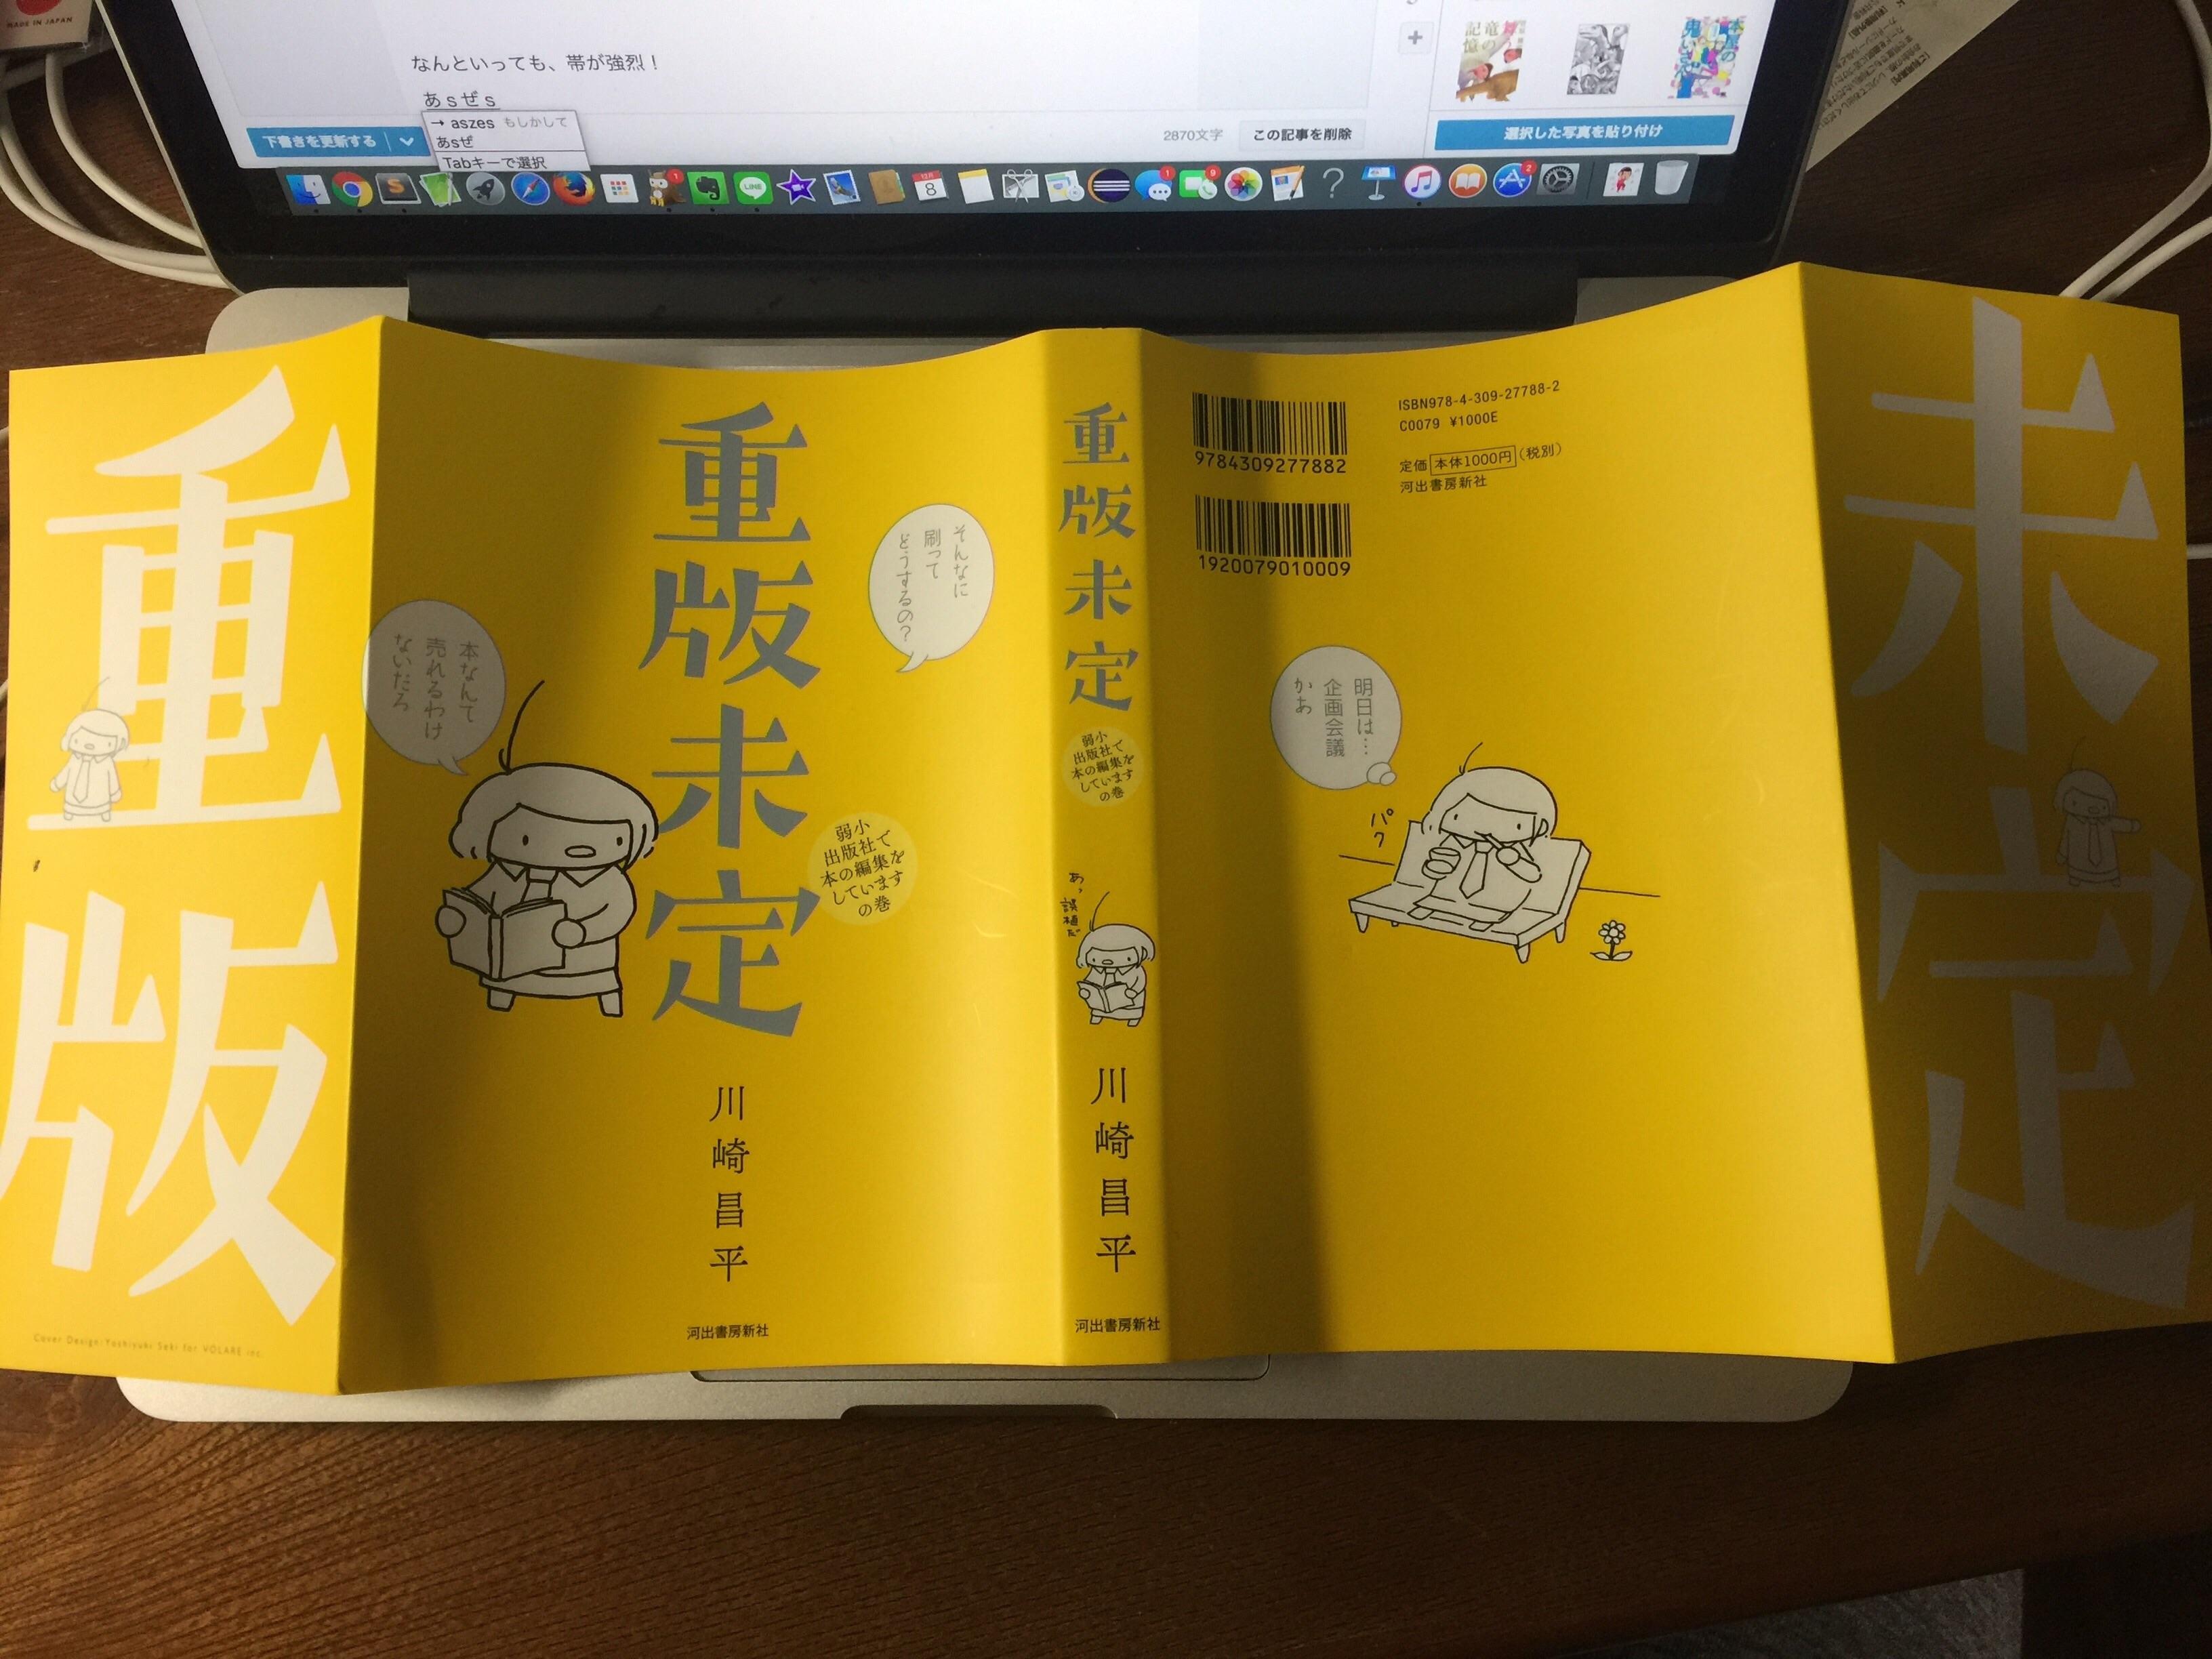 『重版未定』 マンガ 出版業界